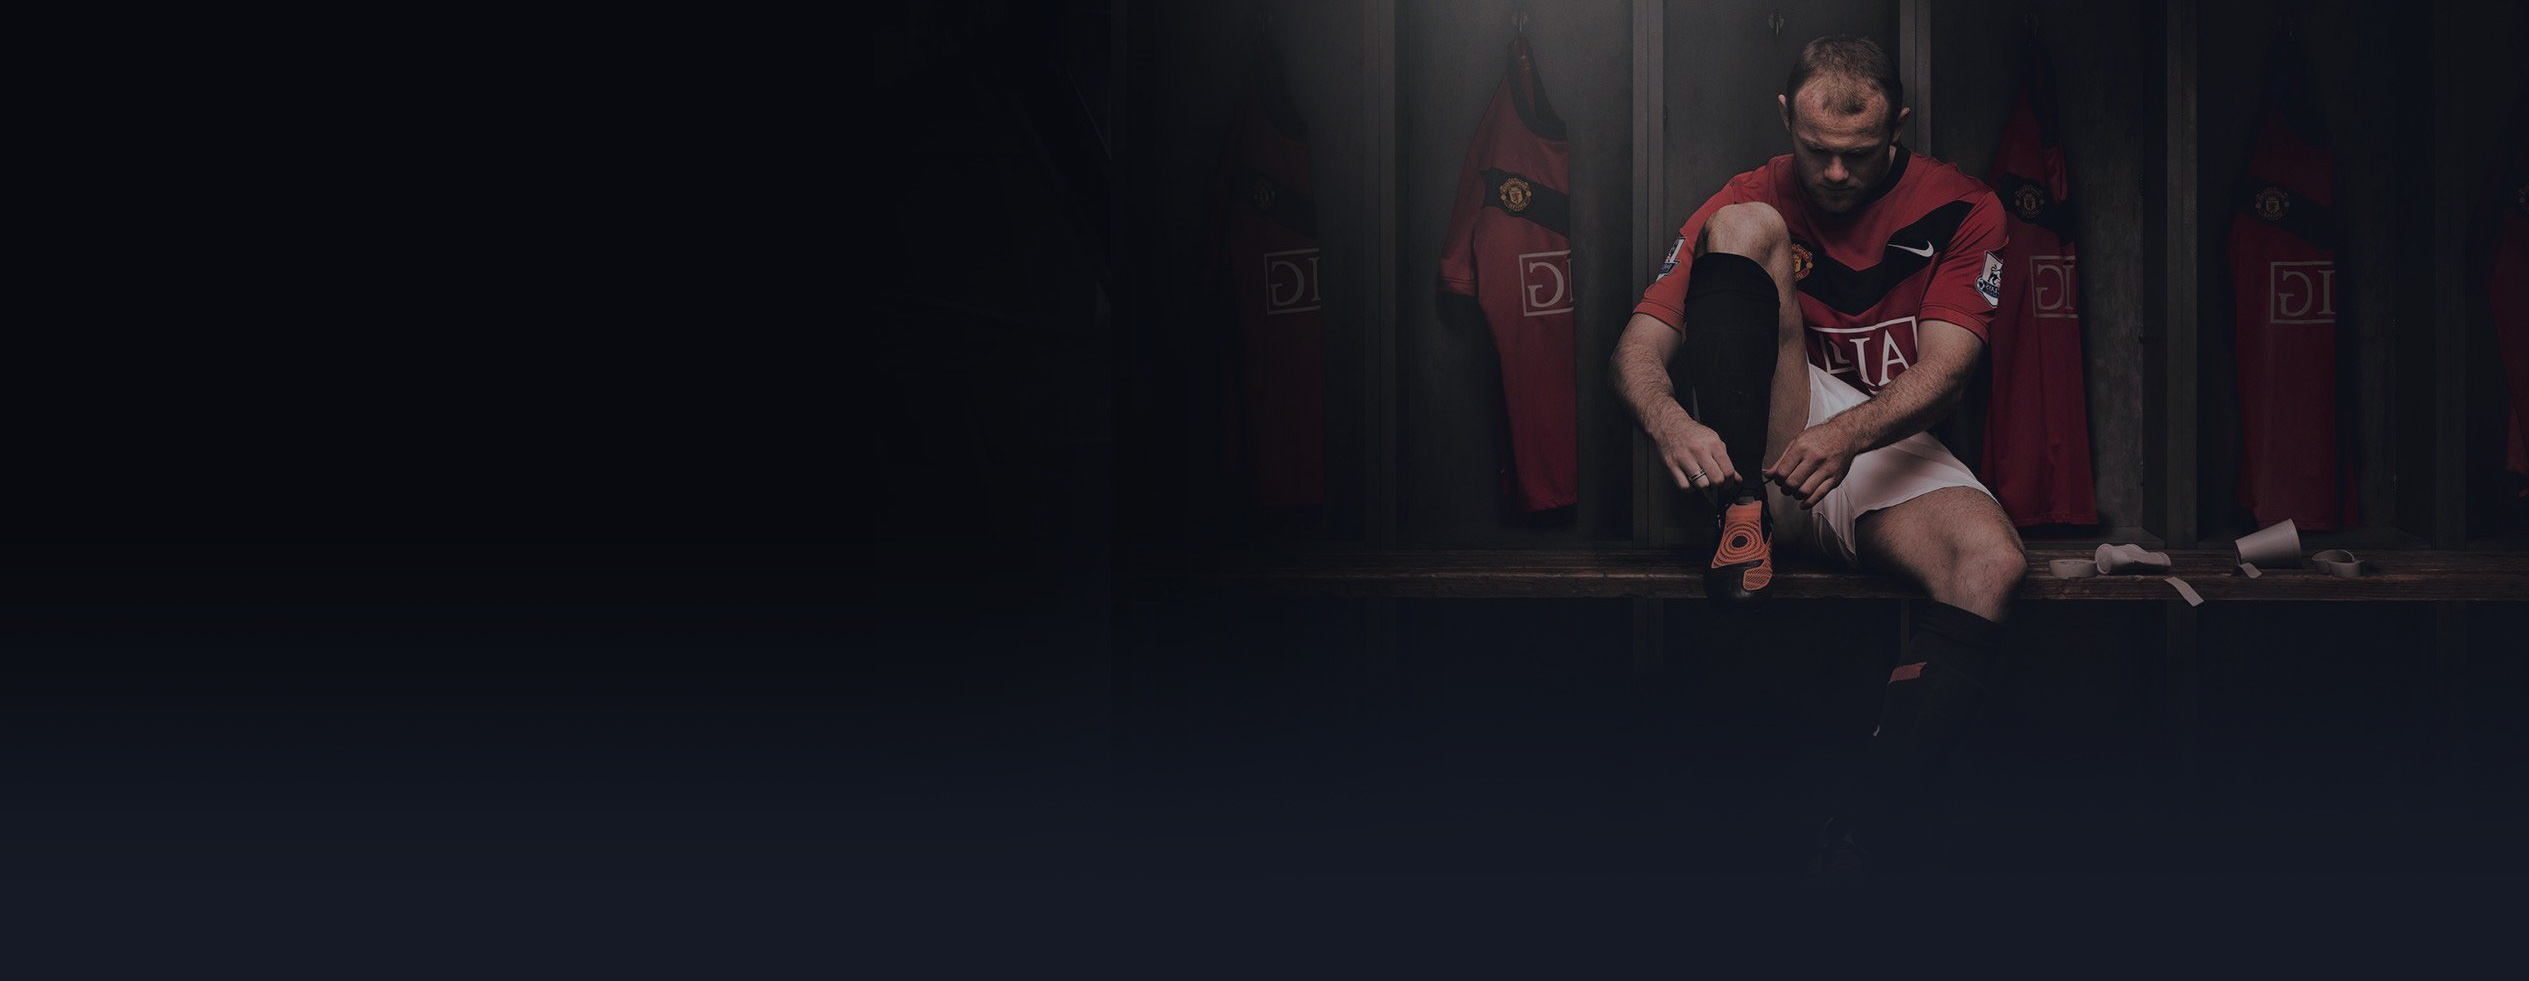 fotbal-slide